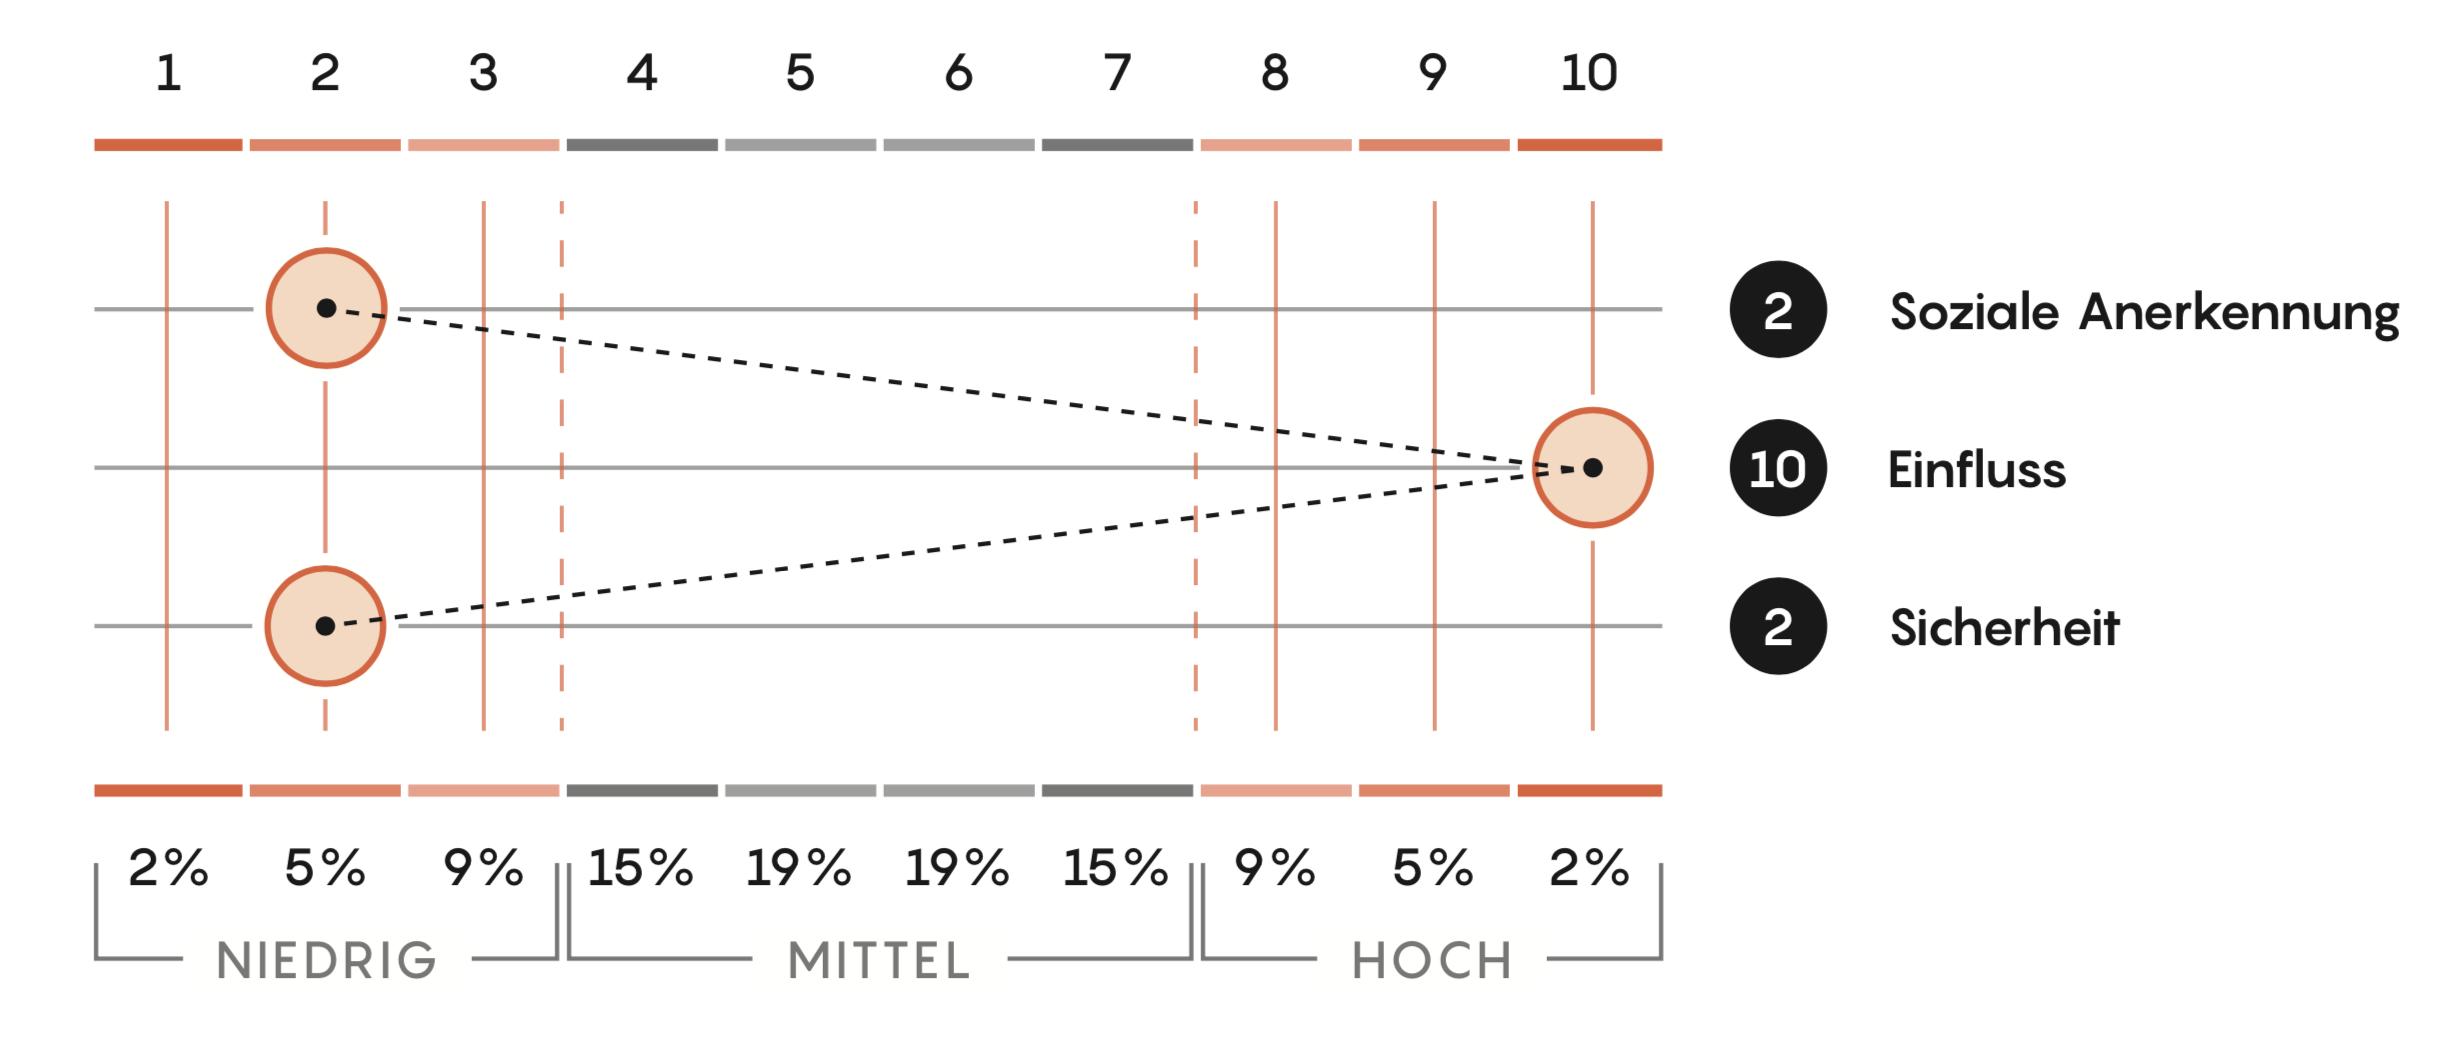 ID37-persoenlichkeitsprofil-einsatz-bei-veraenderungsprozessen